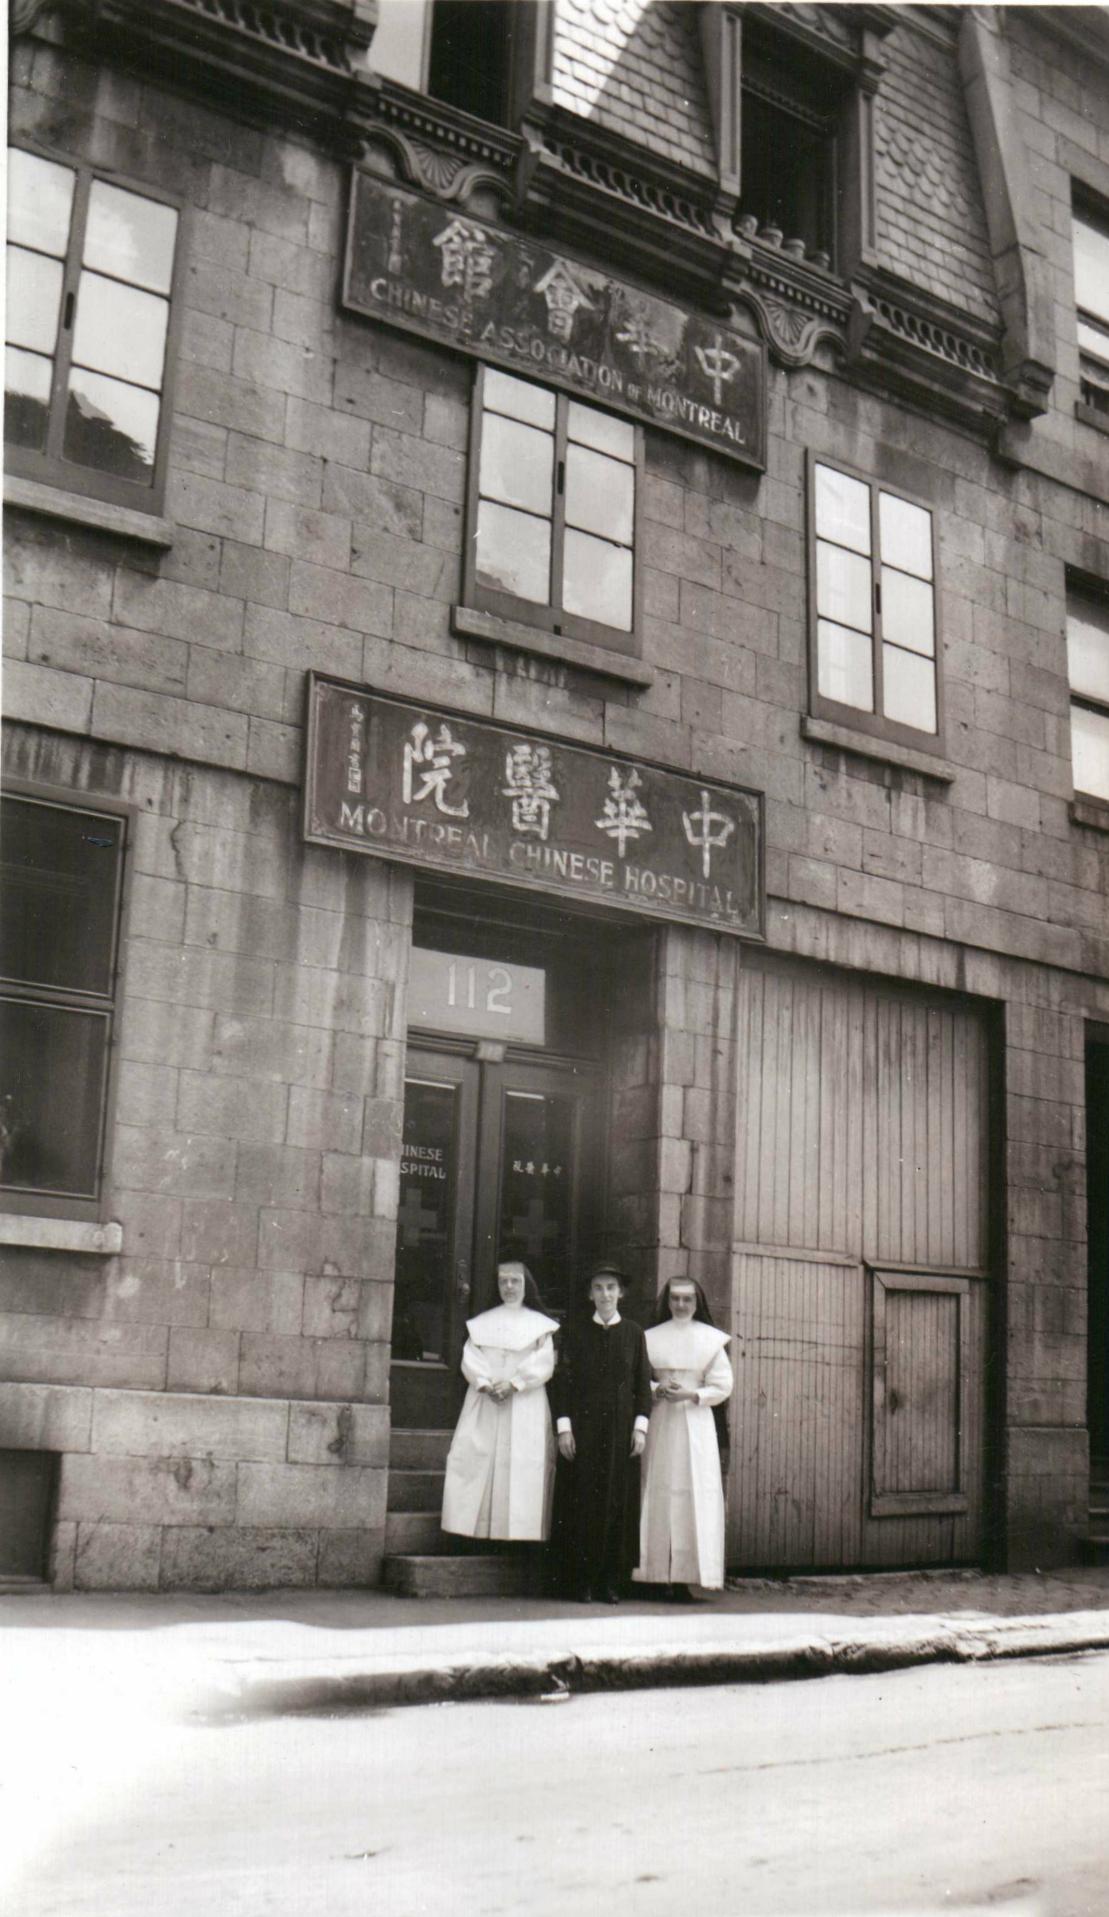 Deux religieuses posent devant la façade du nouveau local de l'hôpital chinois, au 112 rue De La Gauchetière.